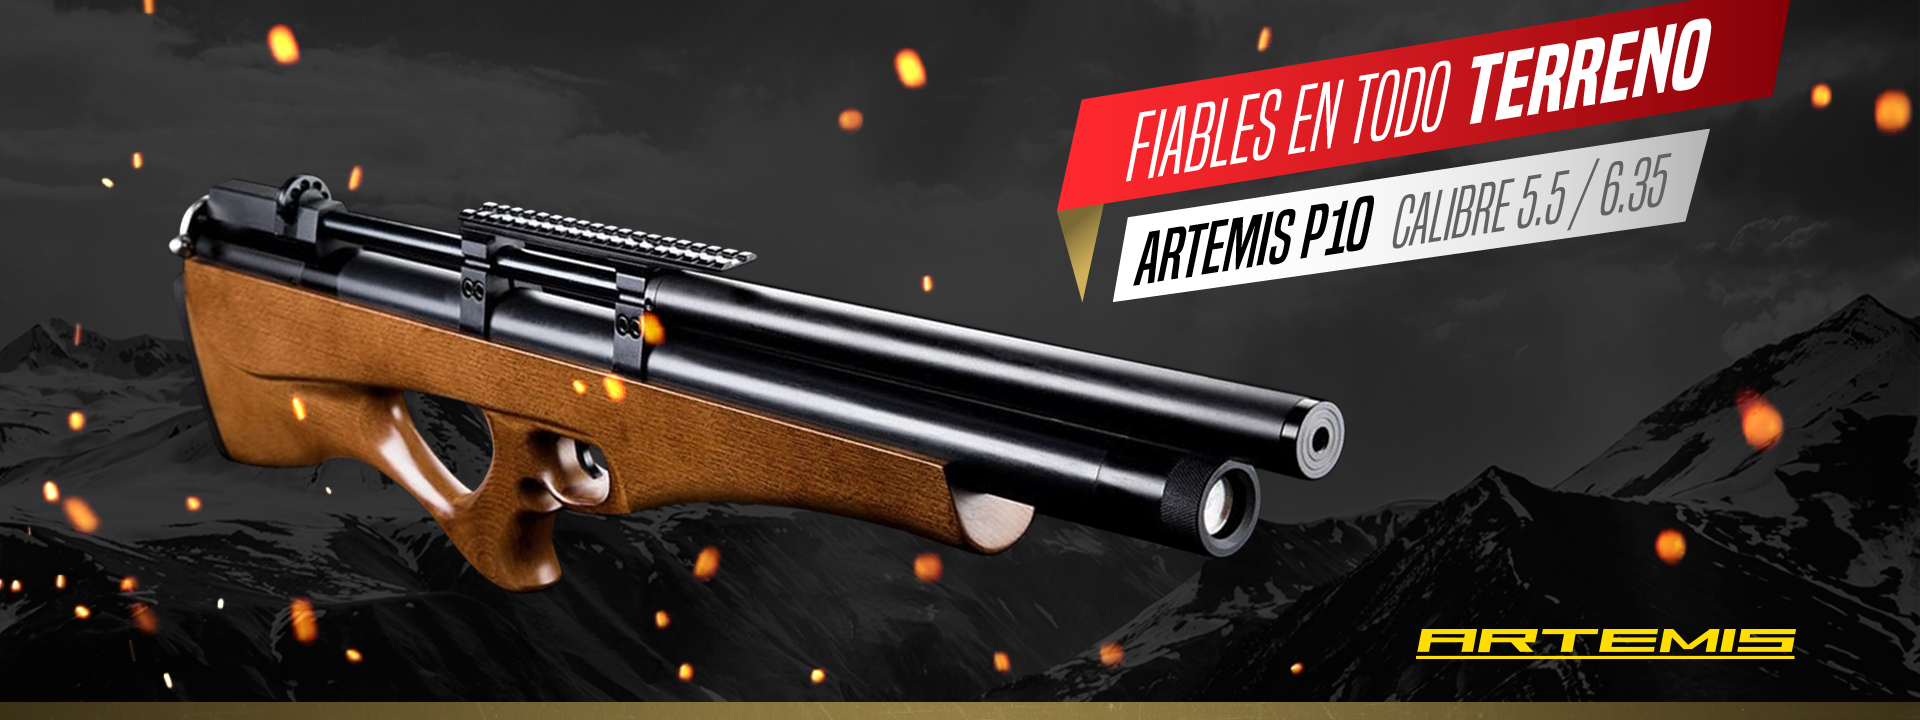 artemis-p10